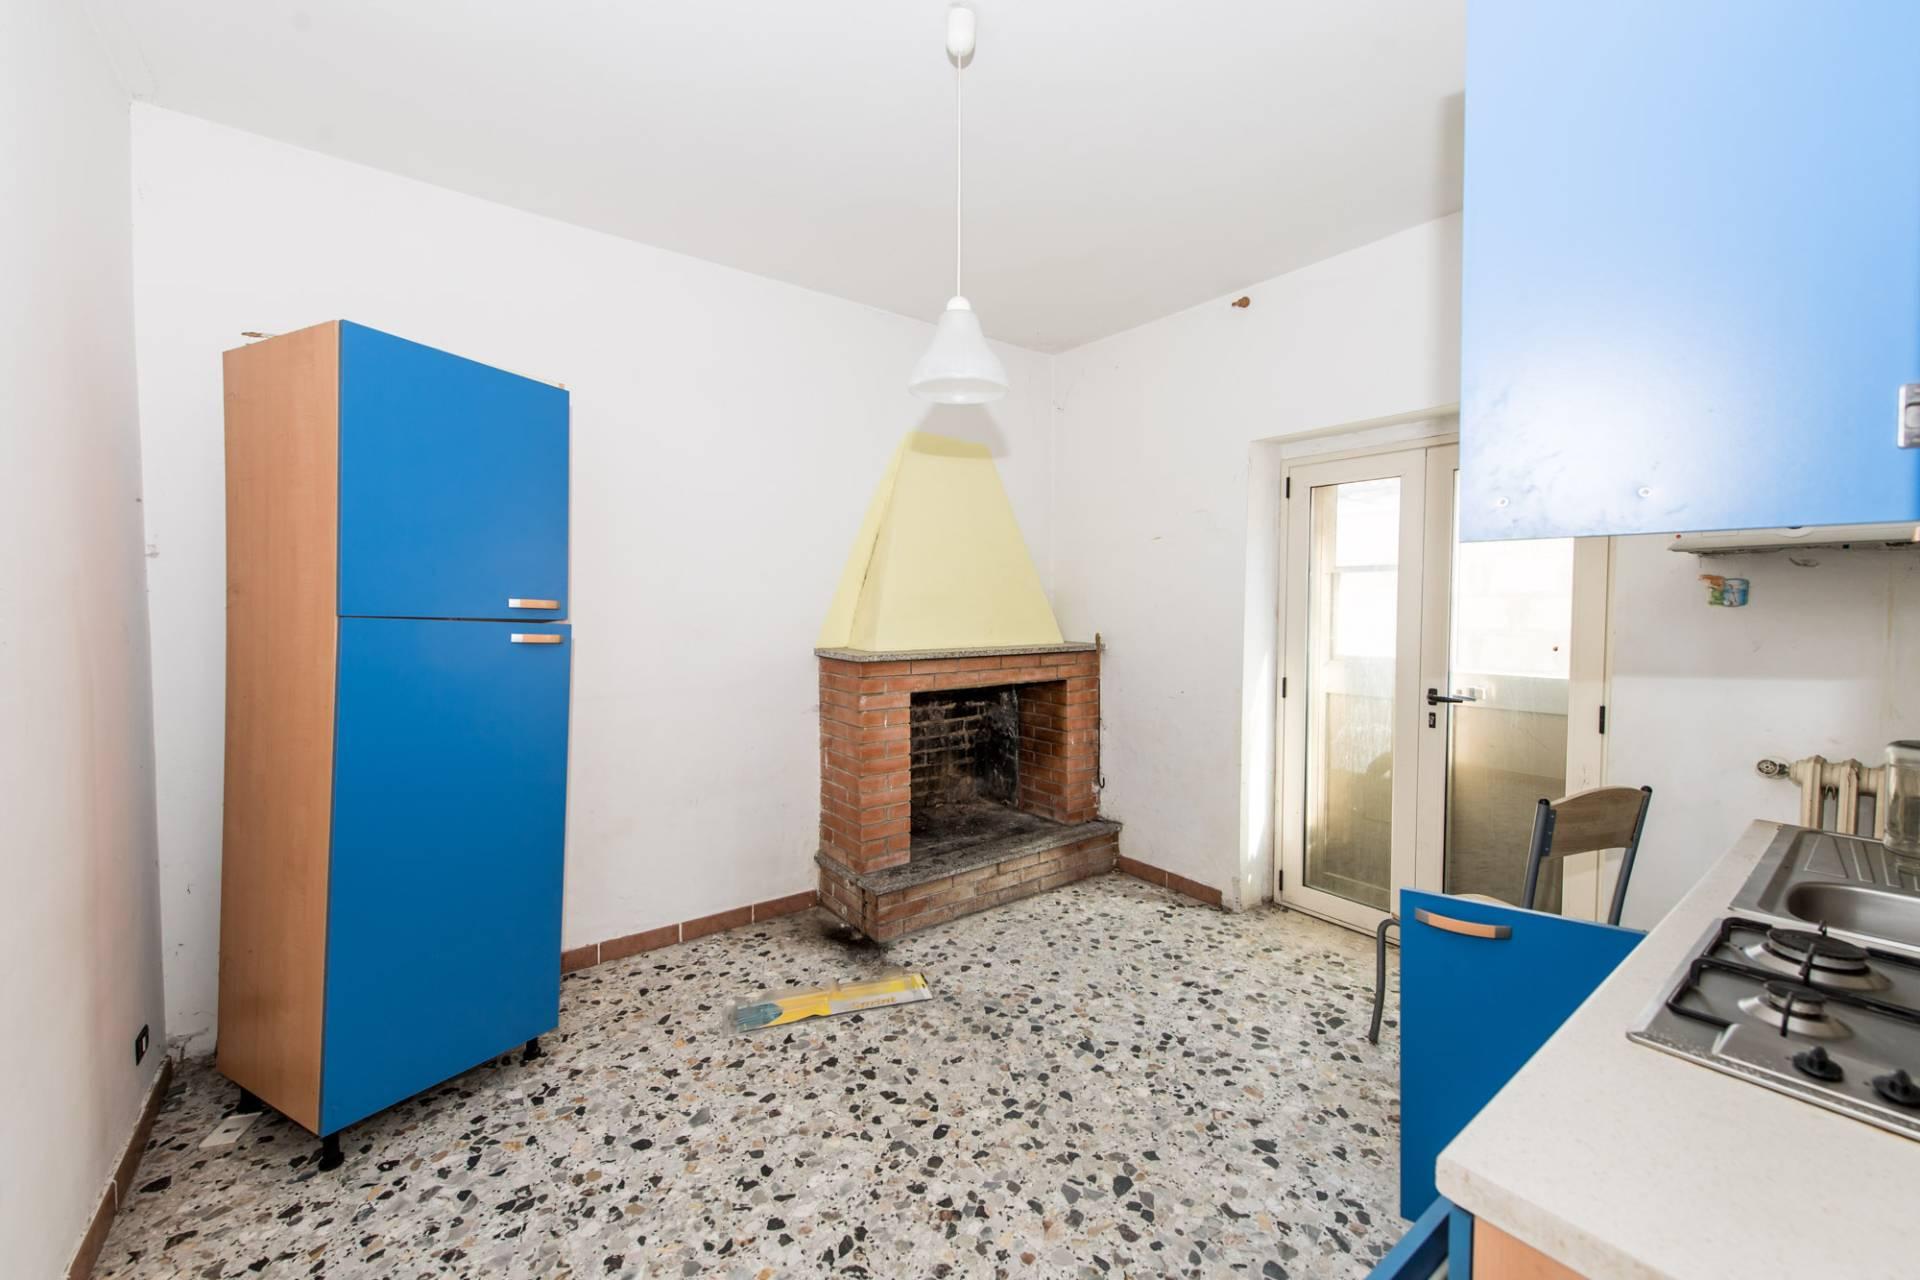 Appartamento in vendita a Ortona, 5 locali, prezzo € 112.000 | CambioCasa.it